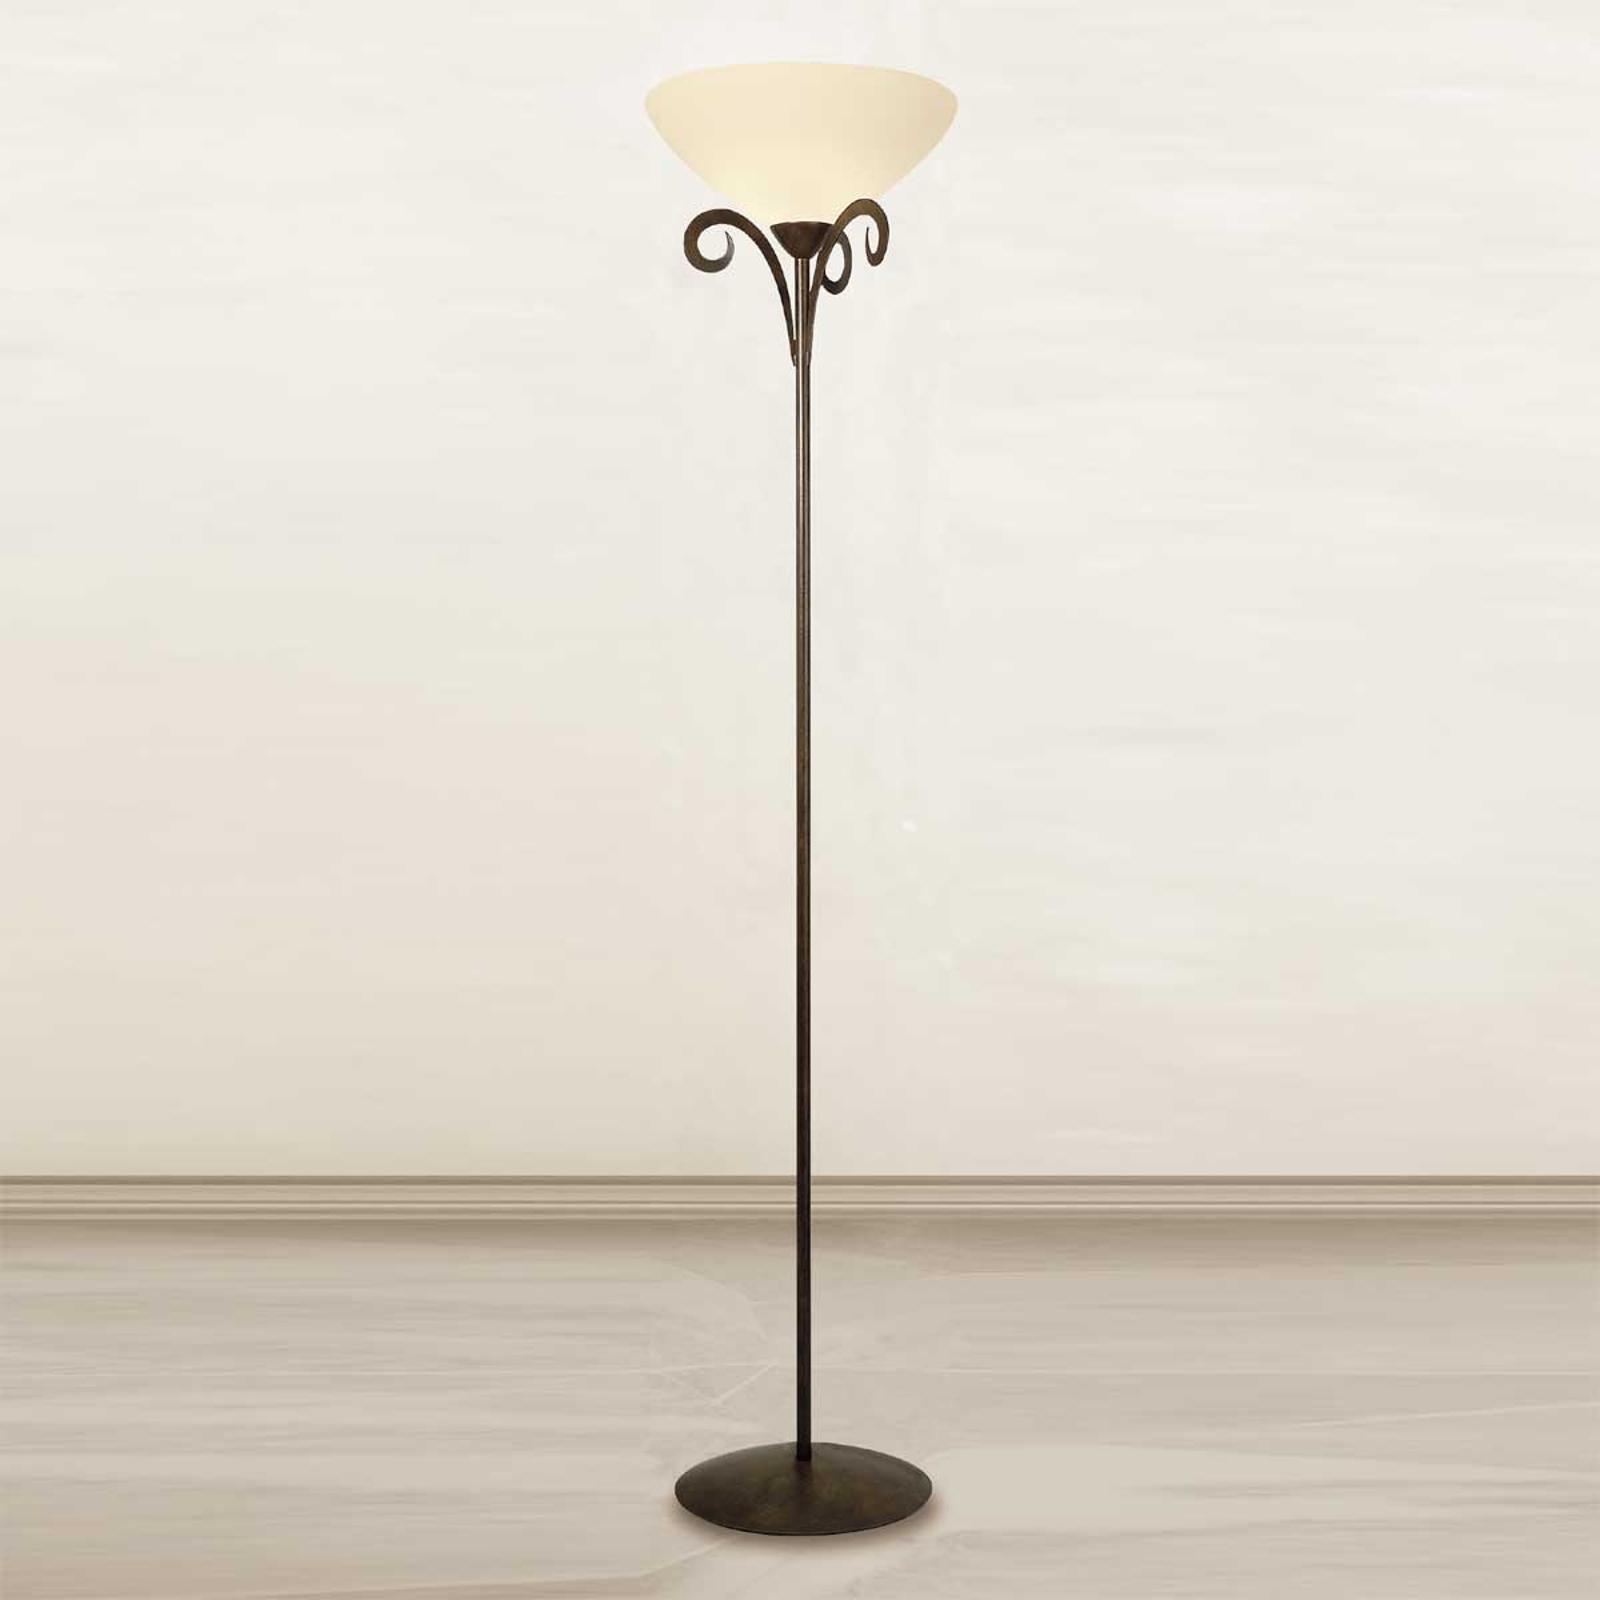 Lampa stojąca Luca w stylu dworkowym